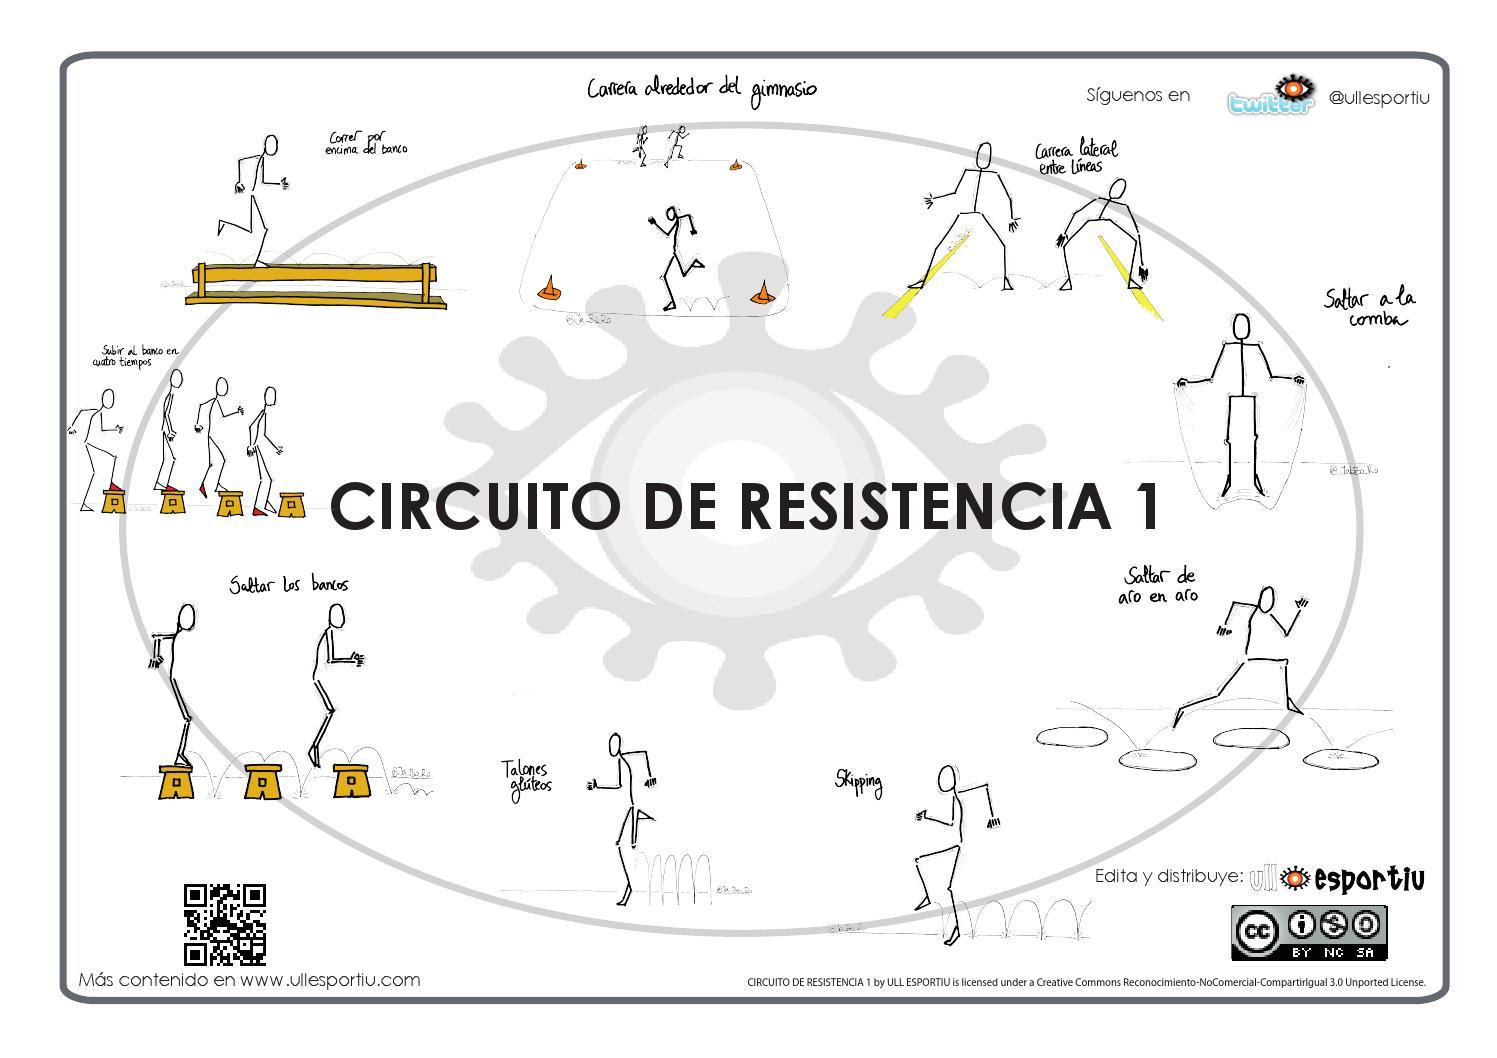 circuito resistencia 1 by ull esportiu